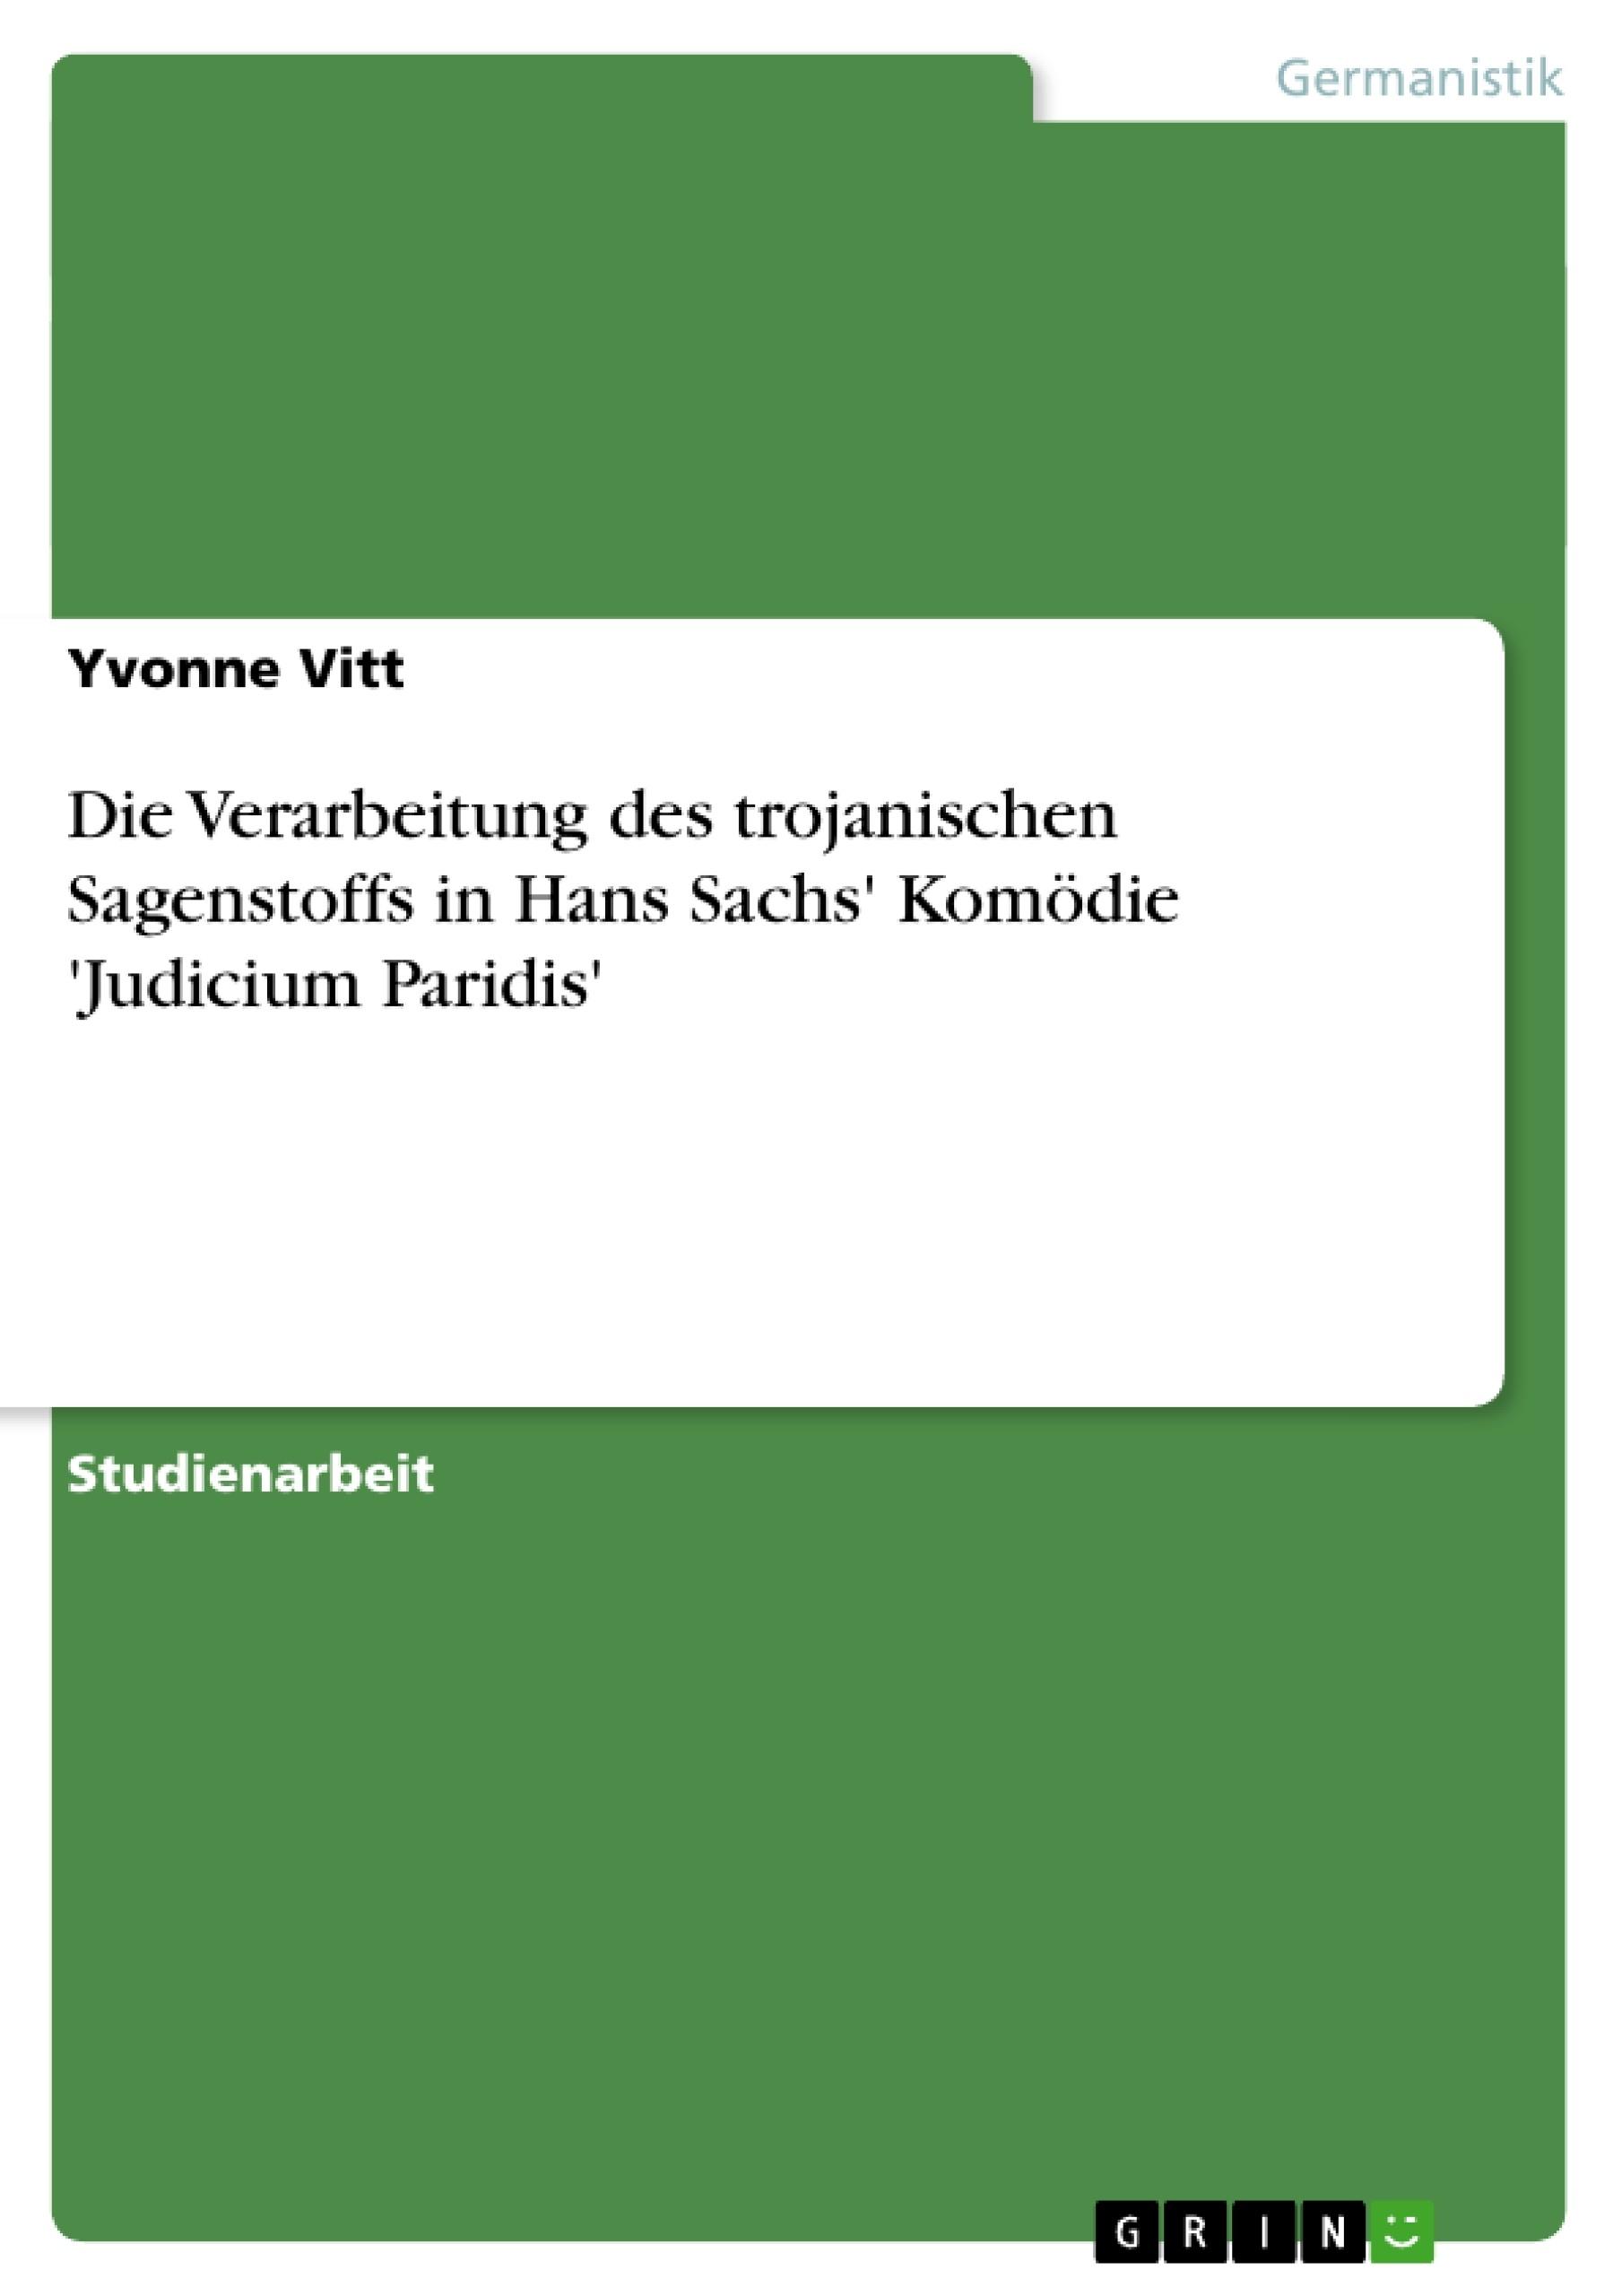 Titel: Die Verarbeitung des trojanischen Sagenstoffs in Hans Sachs' Komödie 'Judicium Paridis'